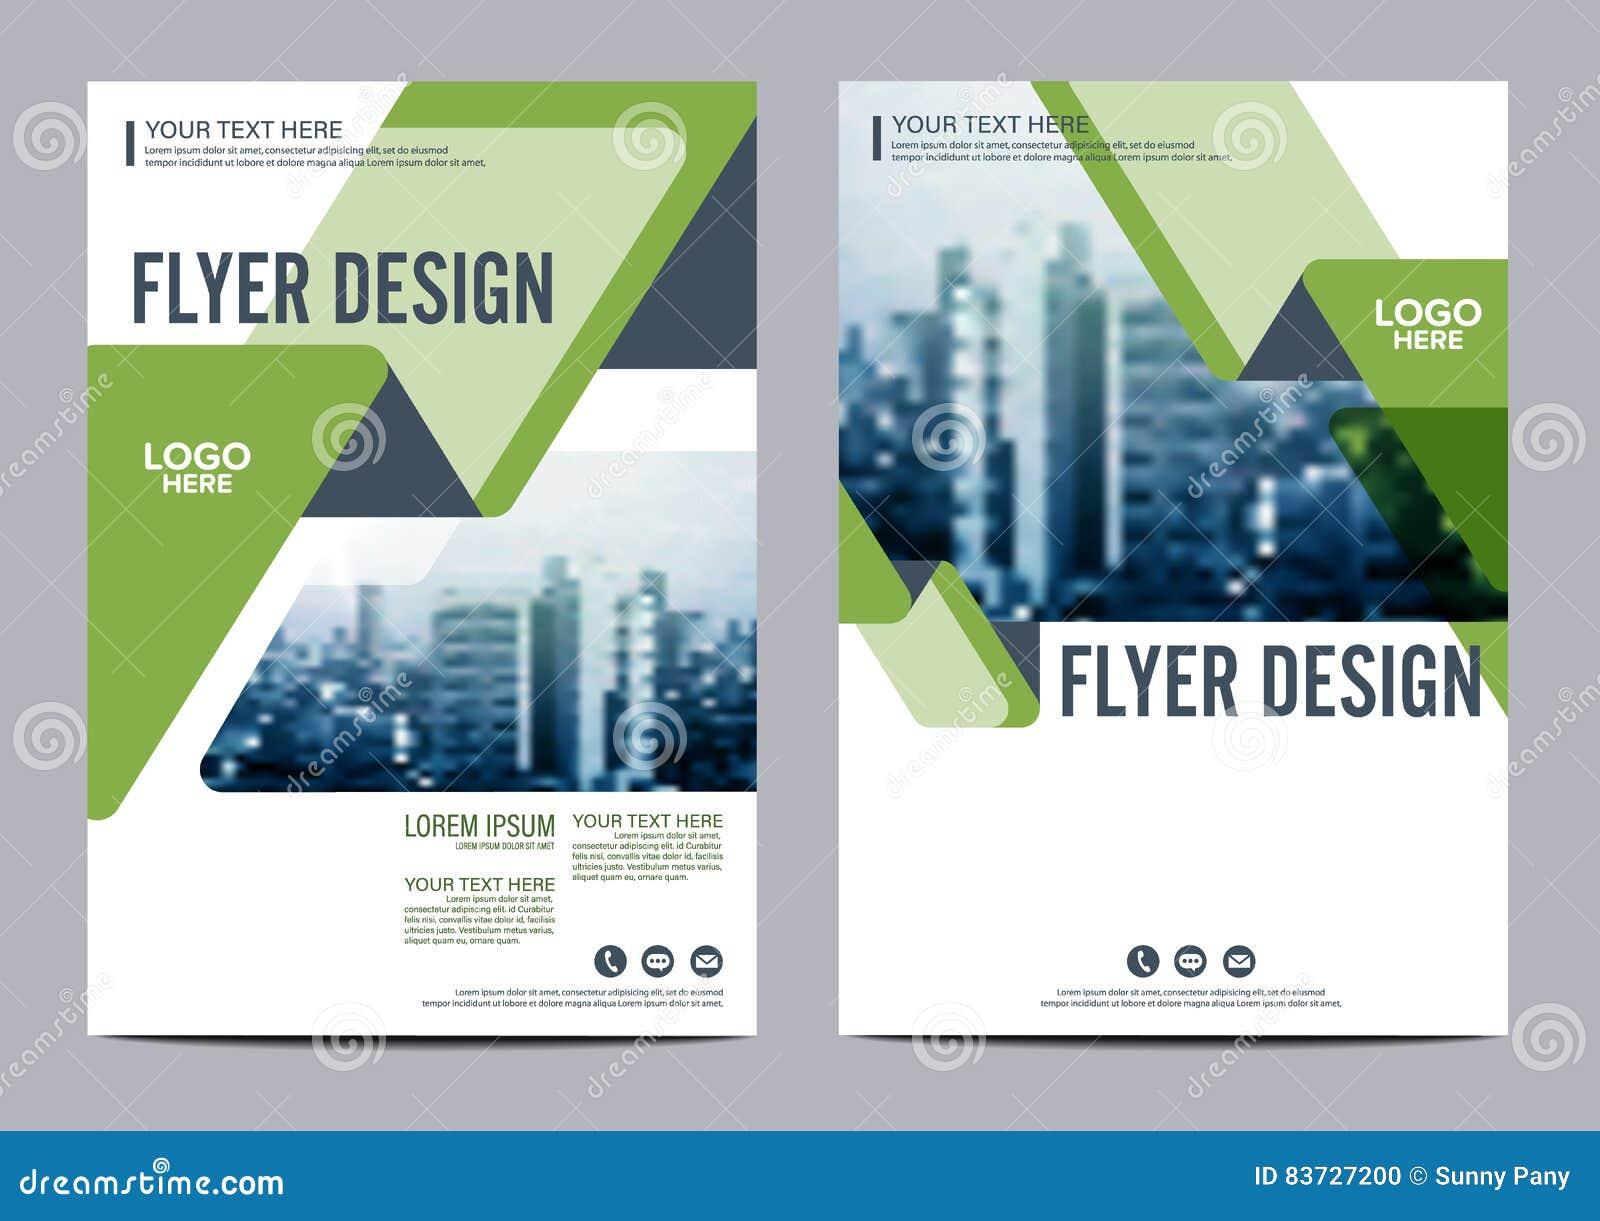 Πρότυπο σχεδίου σχεδιαγράμματος φυλλάδιων πρασινάδων Σύγχρονο υπόβαθρο παρουσίασης κάλυψης φυλλάδιων ιπτάμενων ετήσια εκθέσεων Απ